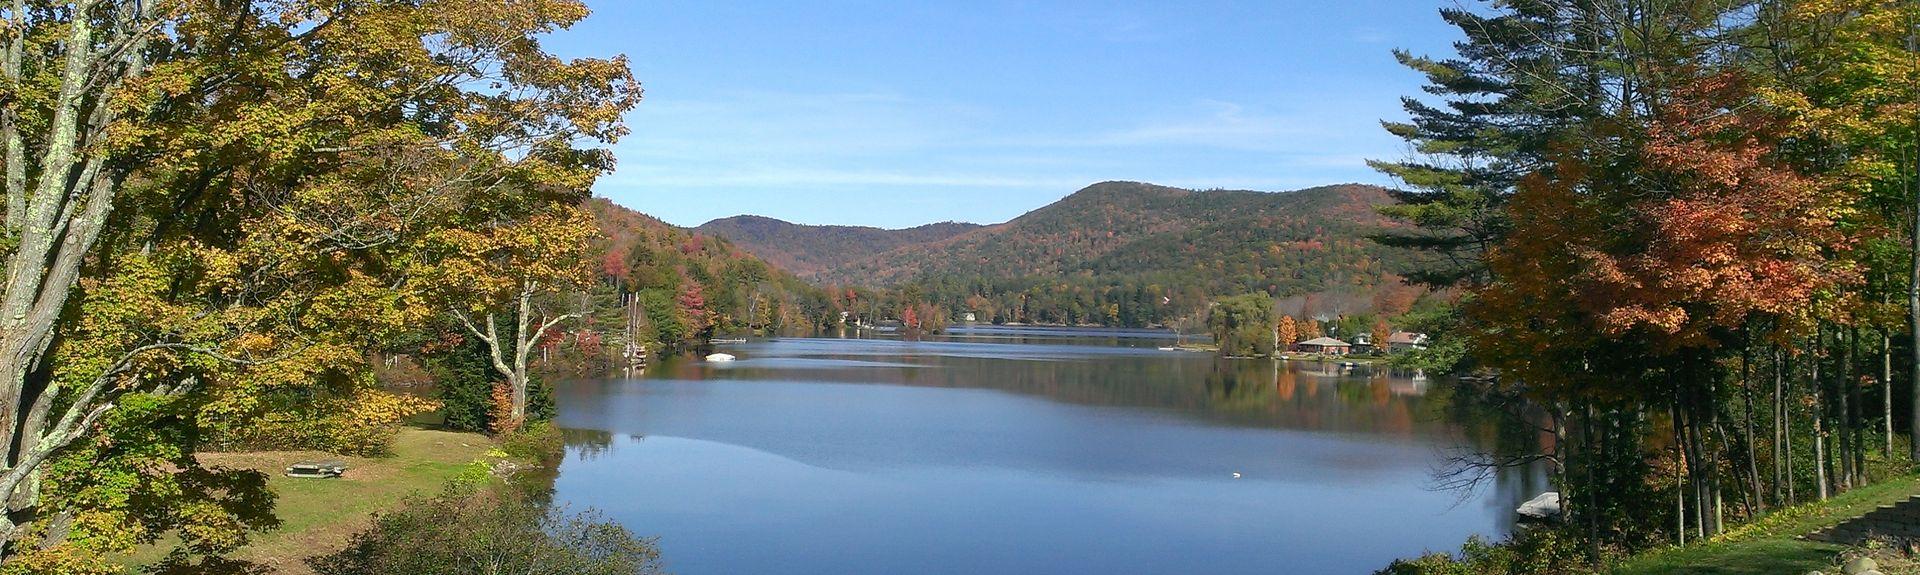 Quechee State Park, Hartford, Vermont, United States